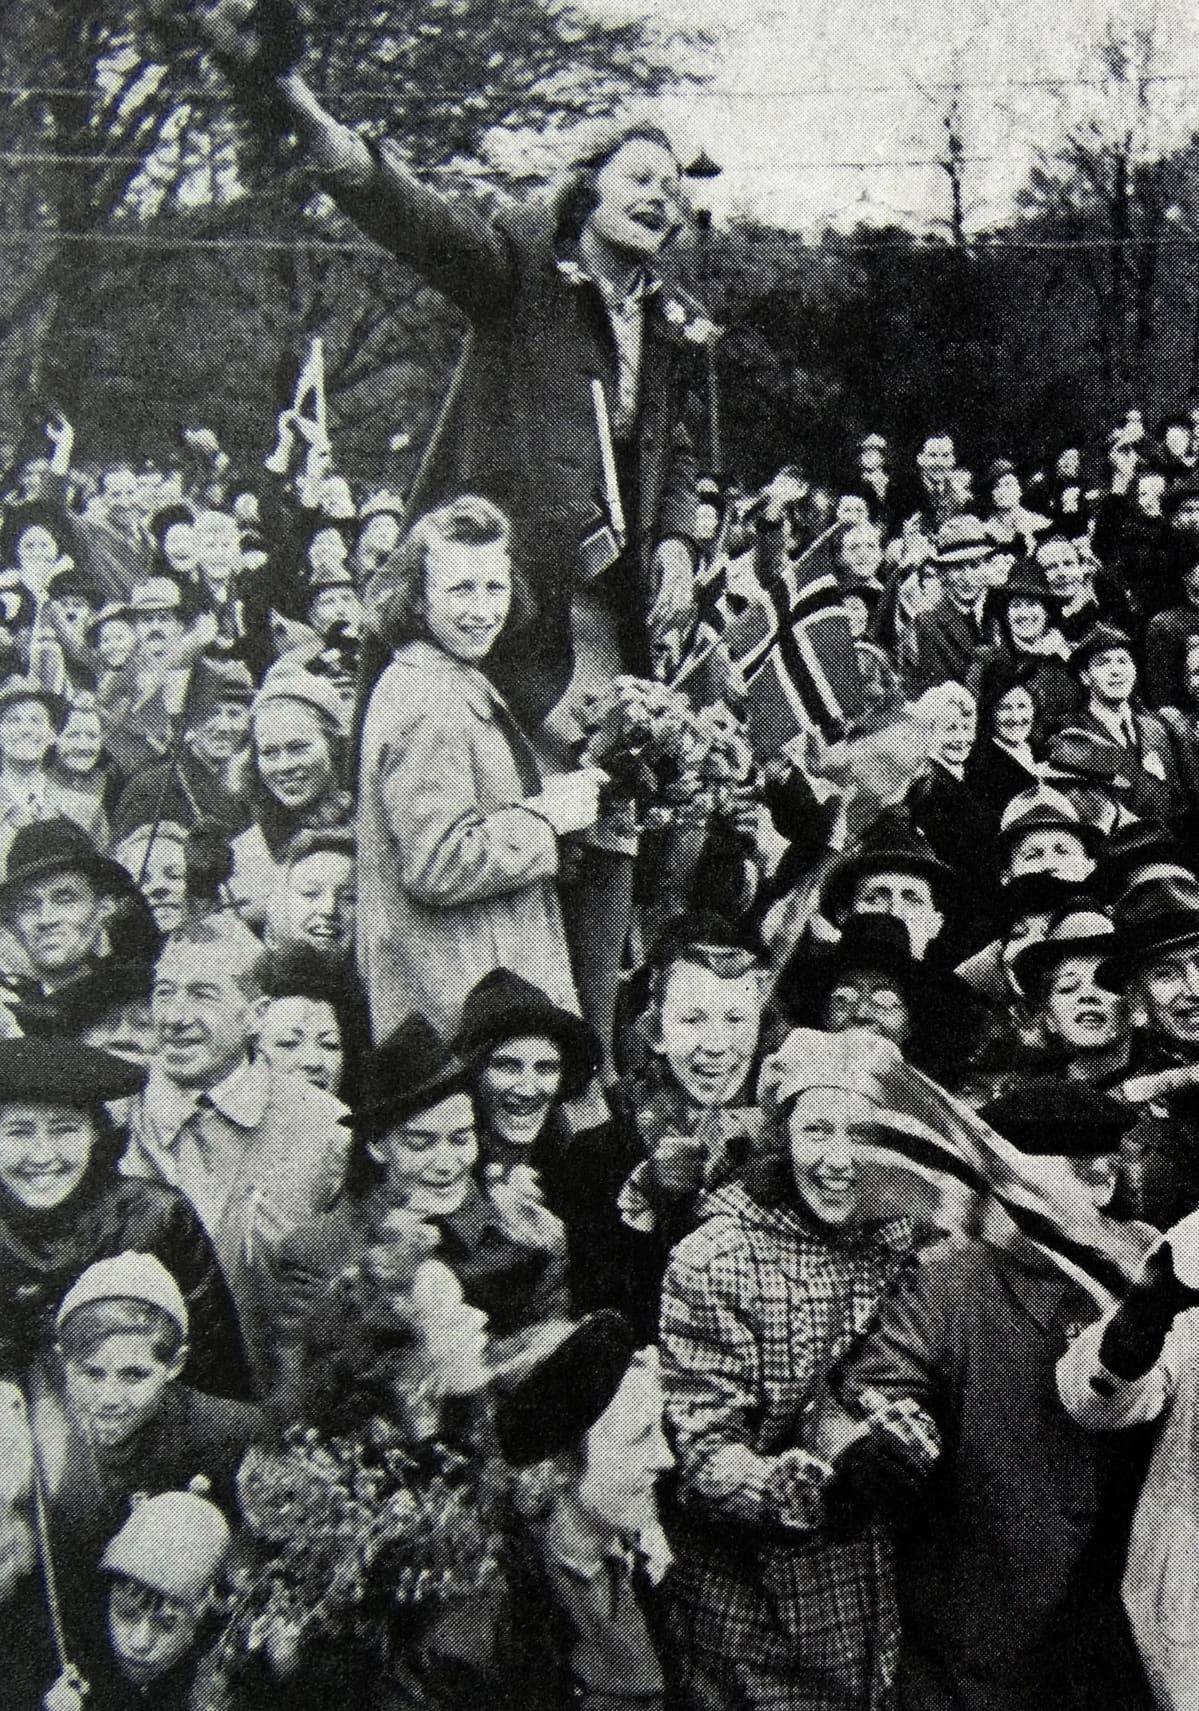 Nainen ja tyttö seisovat korokkeella ihmisjoukossa, tytöllä kädessä Norjan lippu.